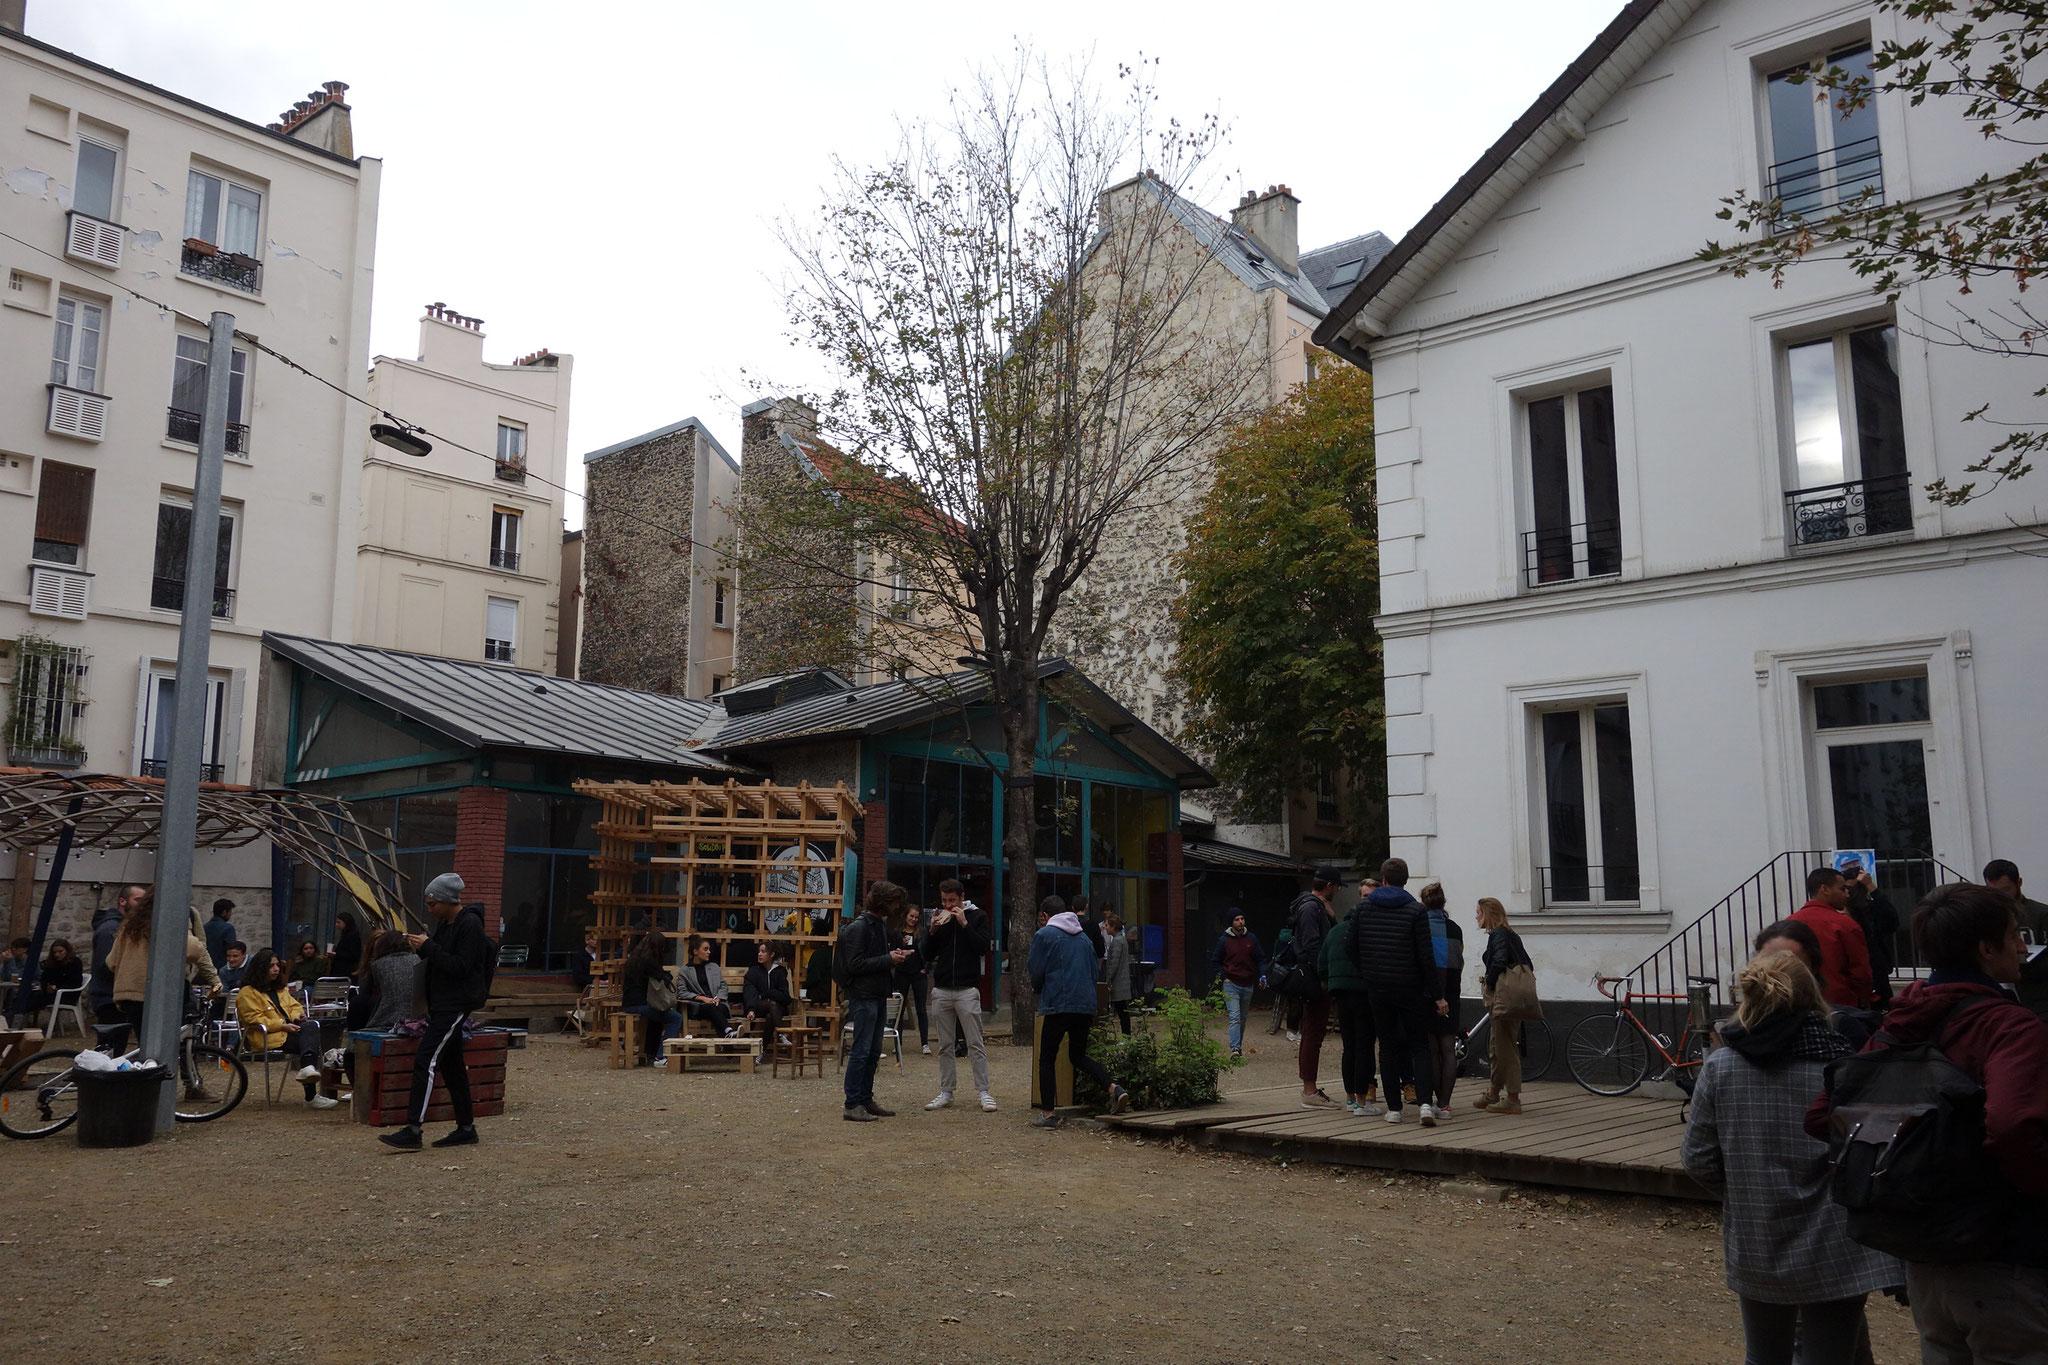 ラヴィレット校の中庭です。授業が終わればたくさんの生徒がここで放課後を満喫します。